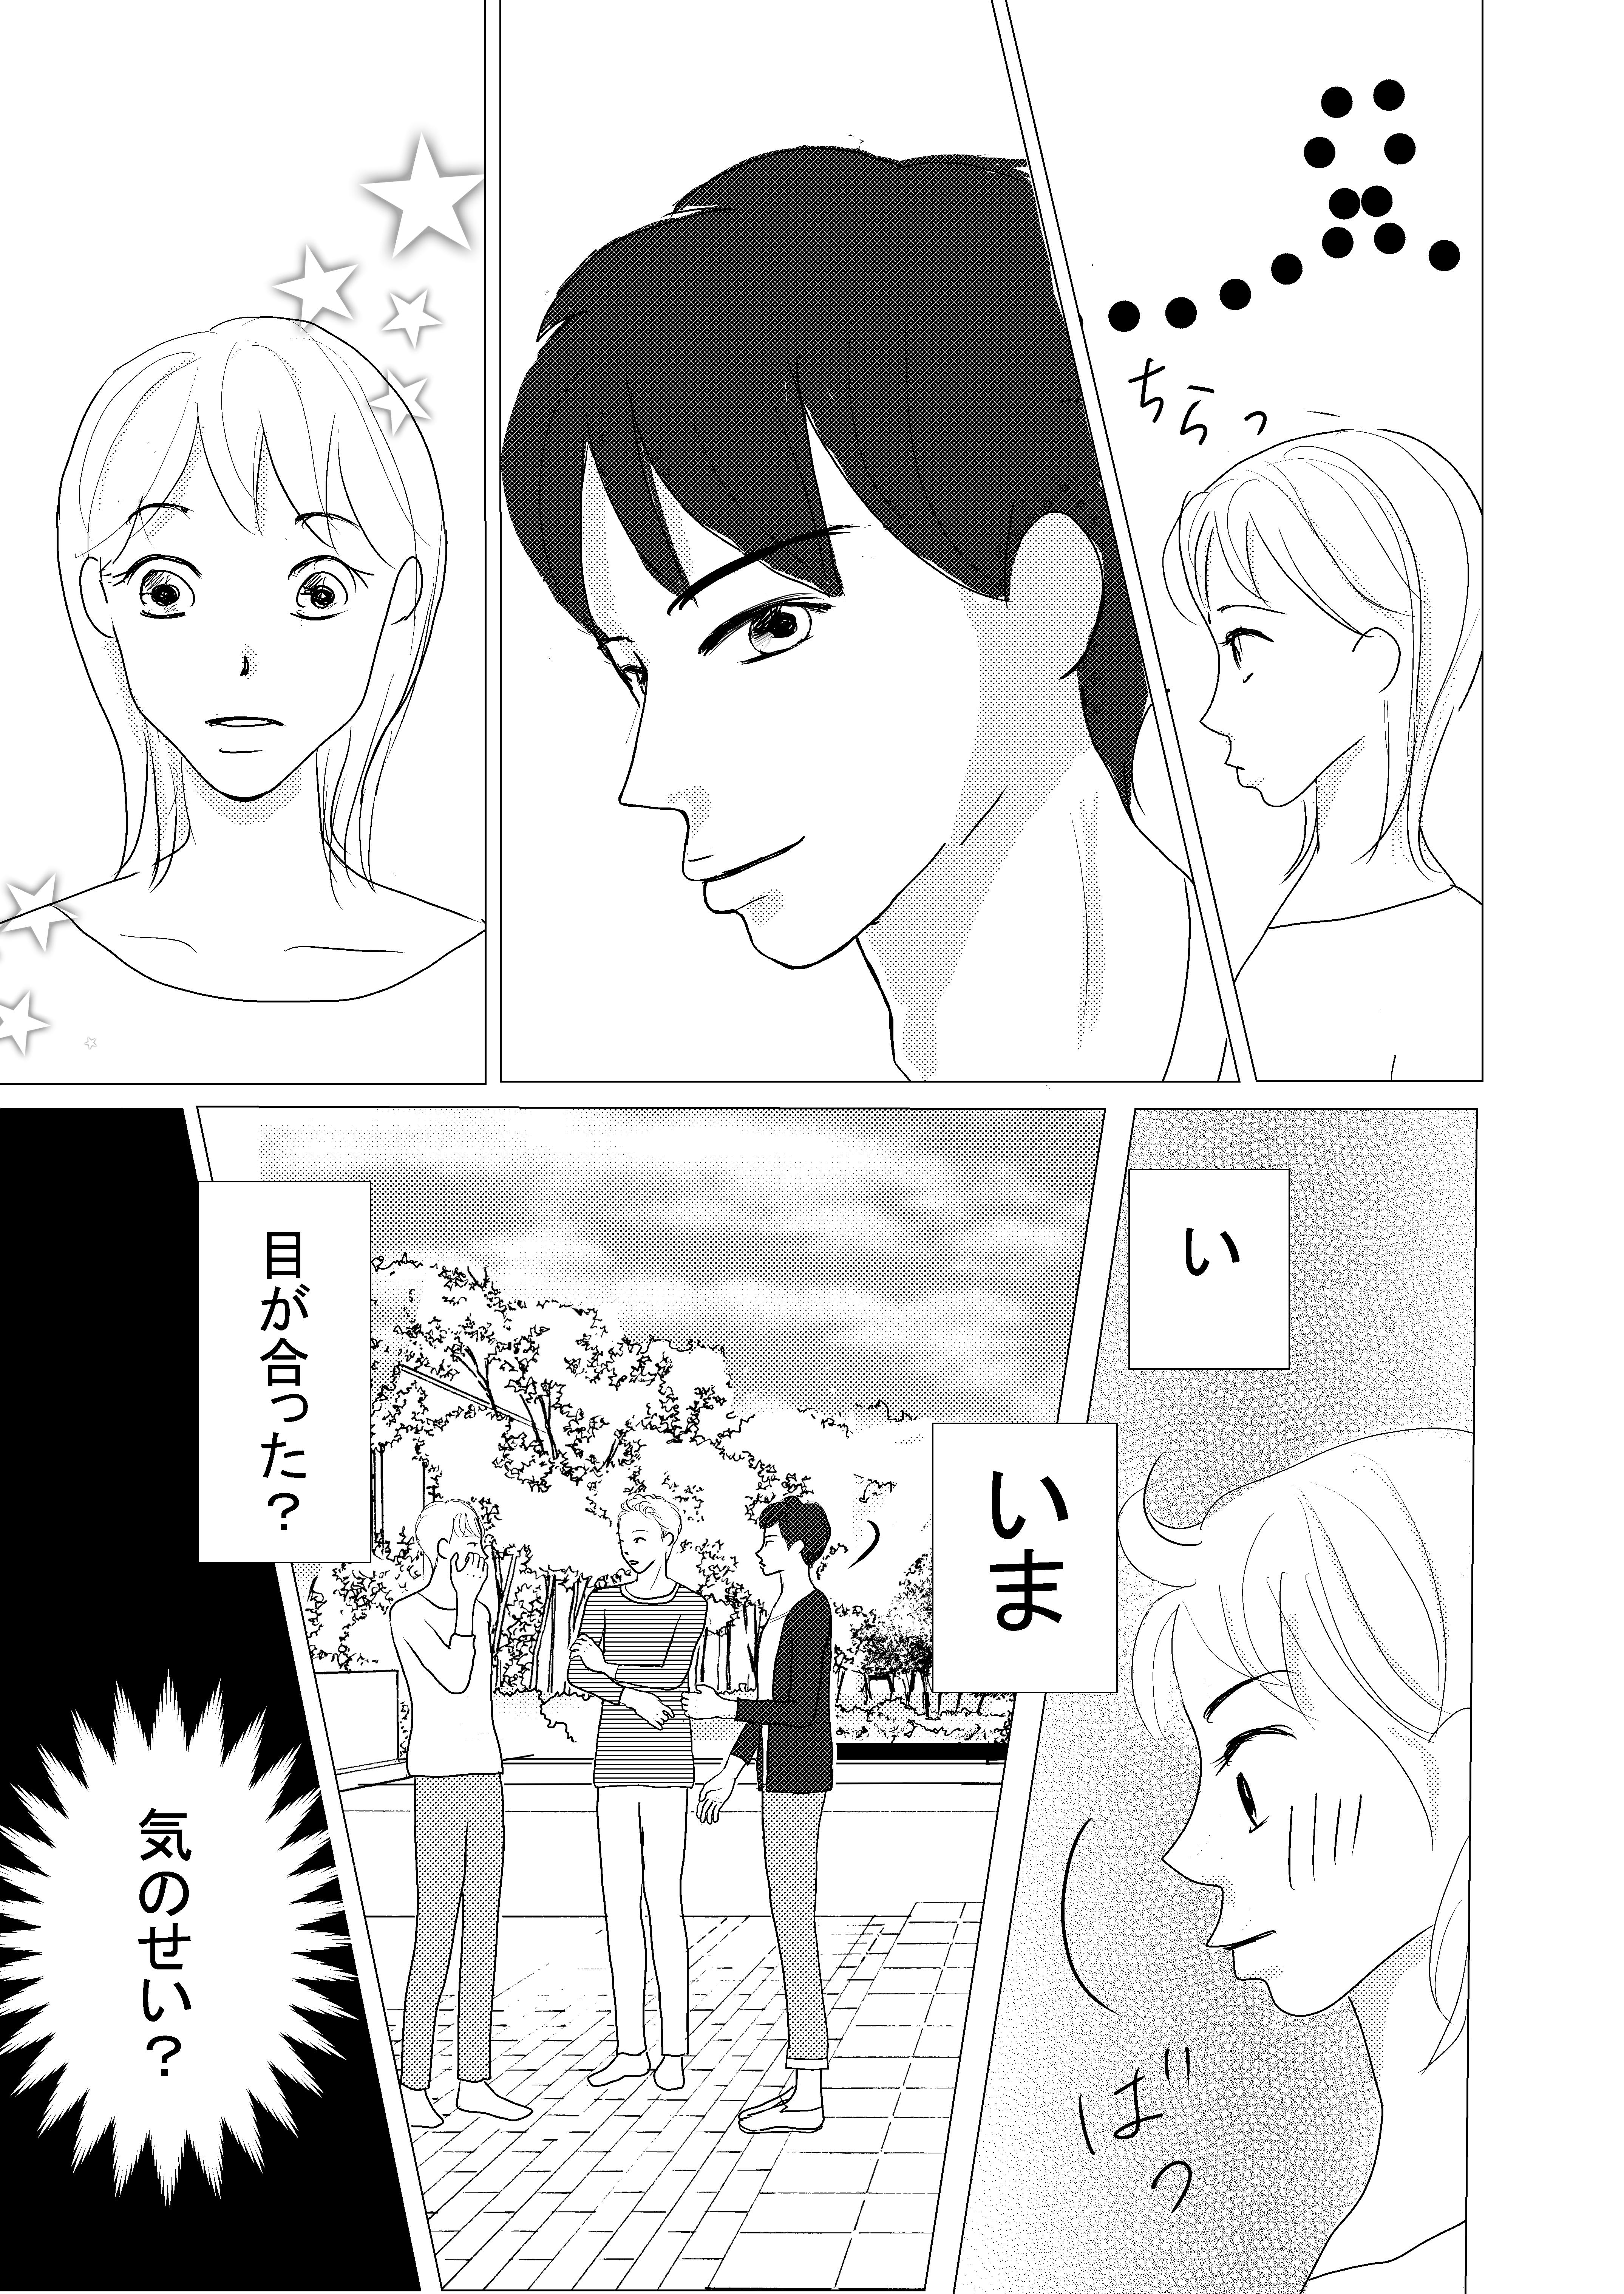 恋愛漫画/大学生/社会人/大学生で初めて付き合う/shoujyo manga/米加夢/31ページ